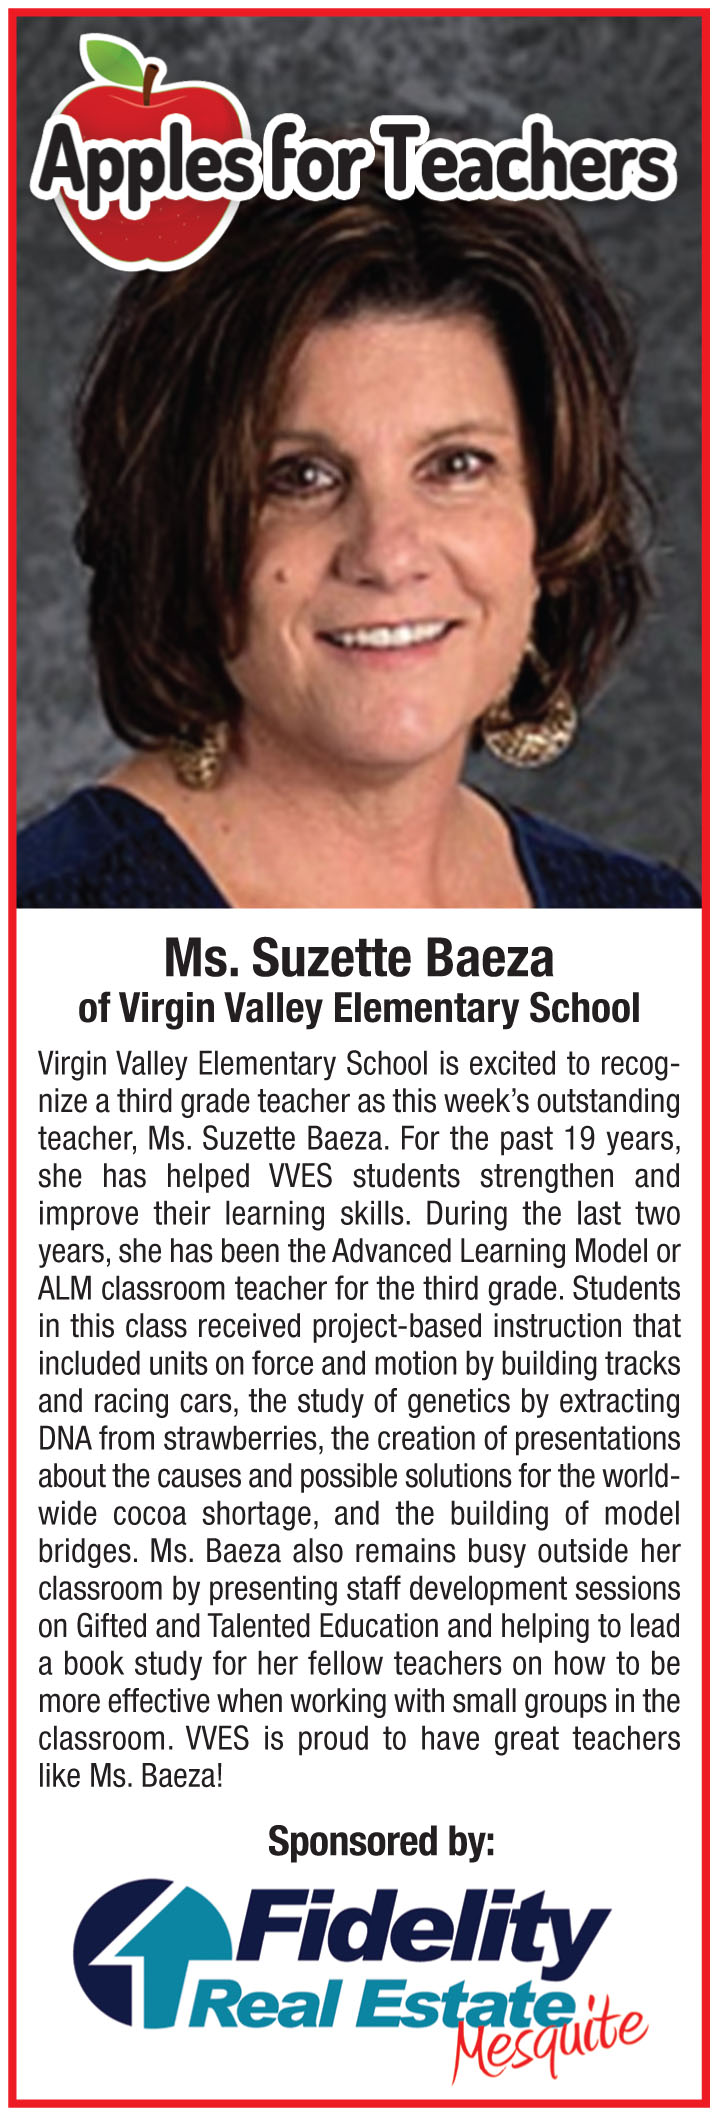 Fidelity Real Estate's Apples for Teachers-Susette Baeza